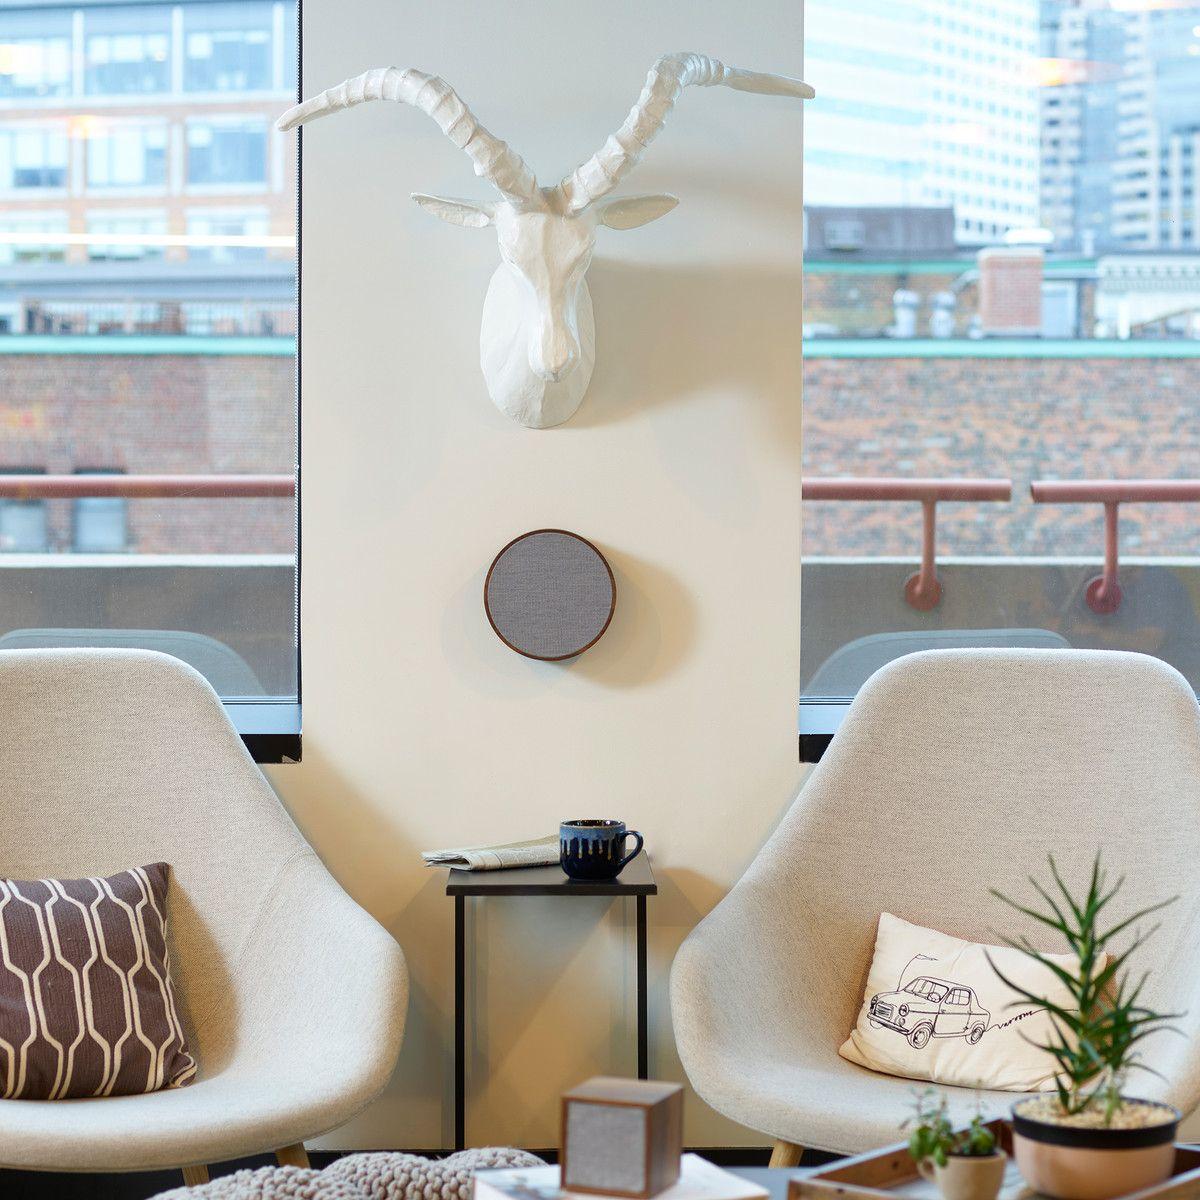 Perfekt für ein stylisches und schönes Zuhause. Die Lautsprecher ...